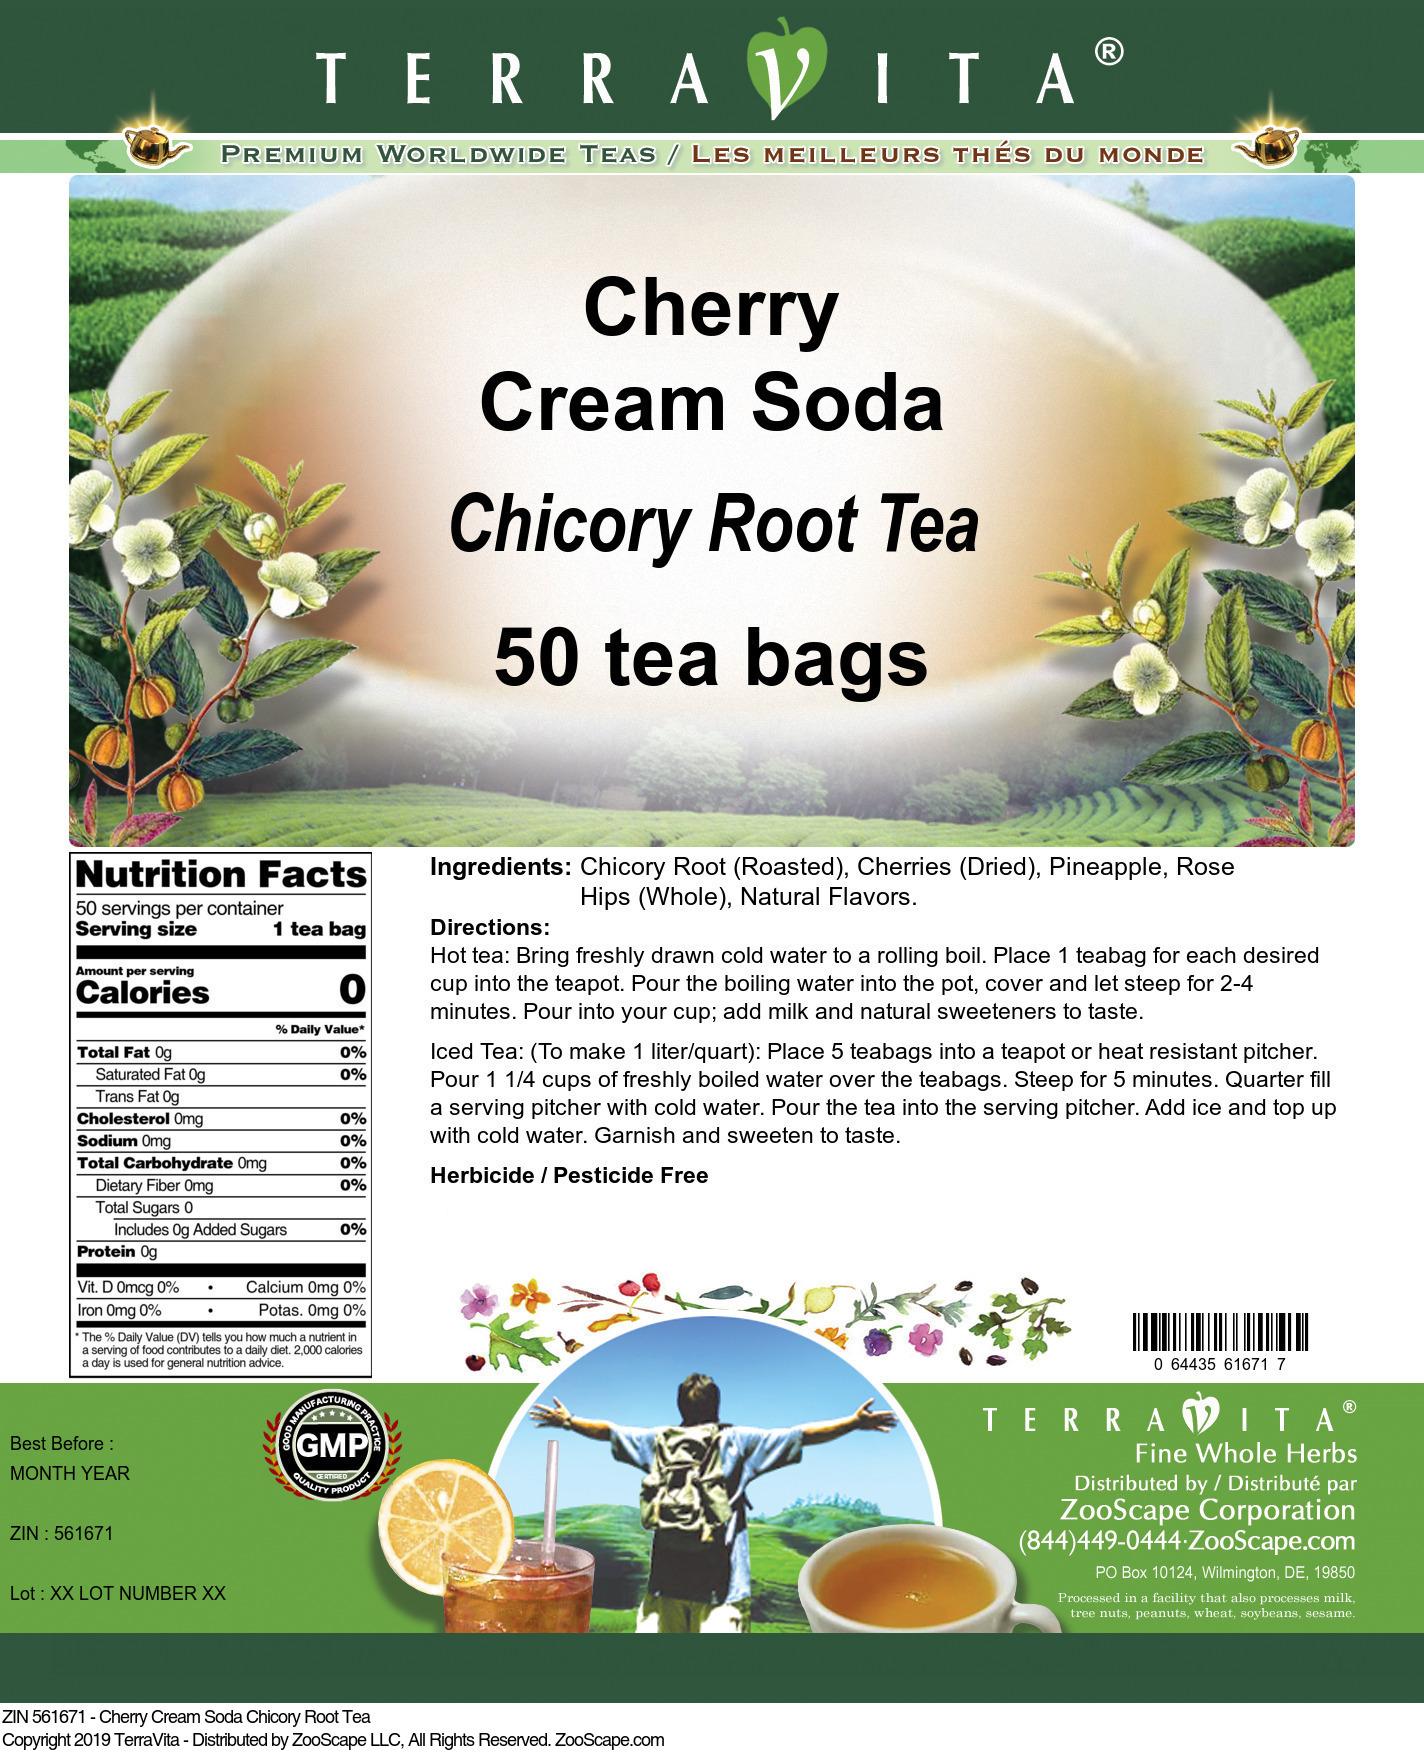 Cherry Cream Soda Chicory Root Tea